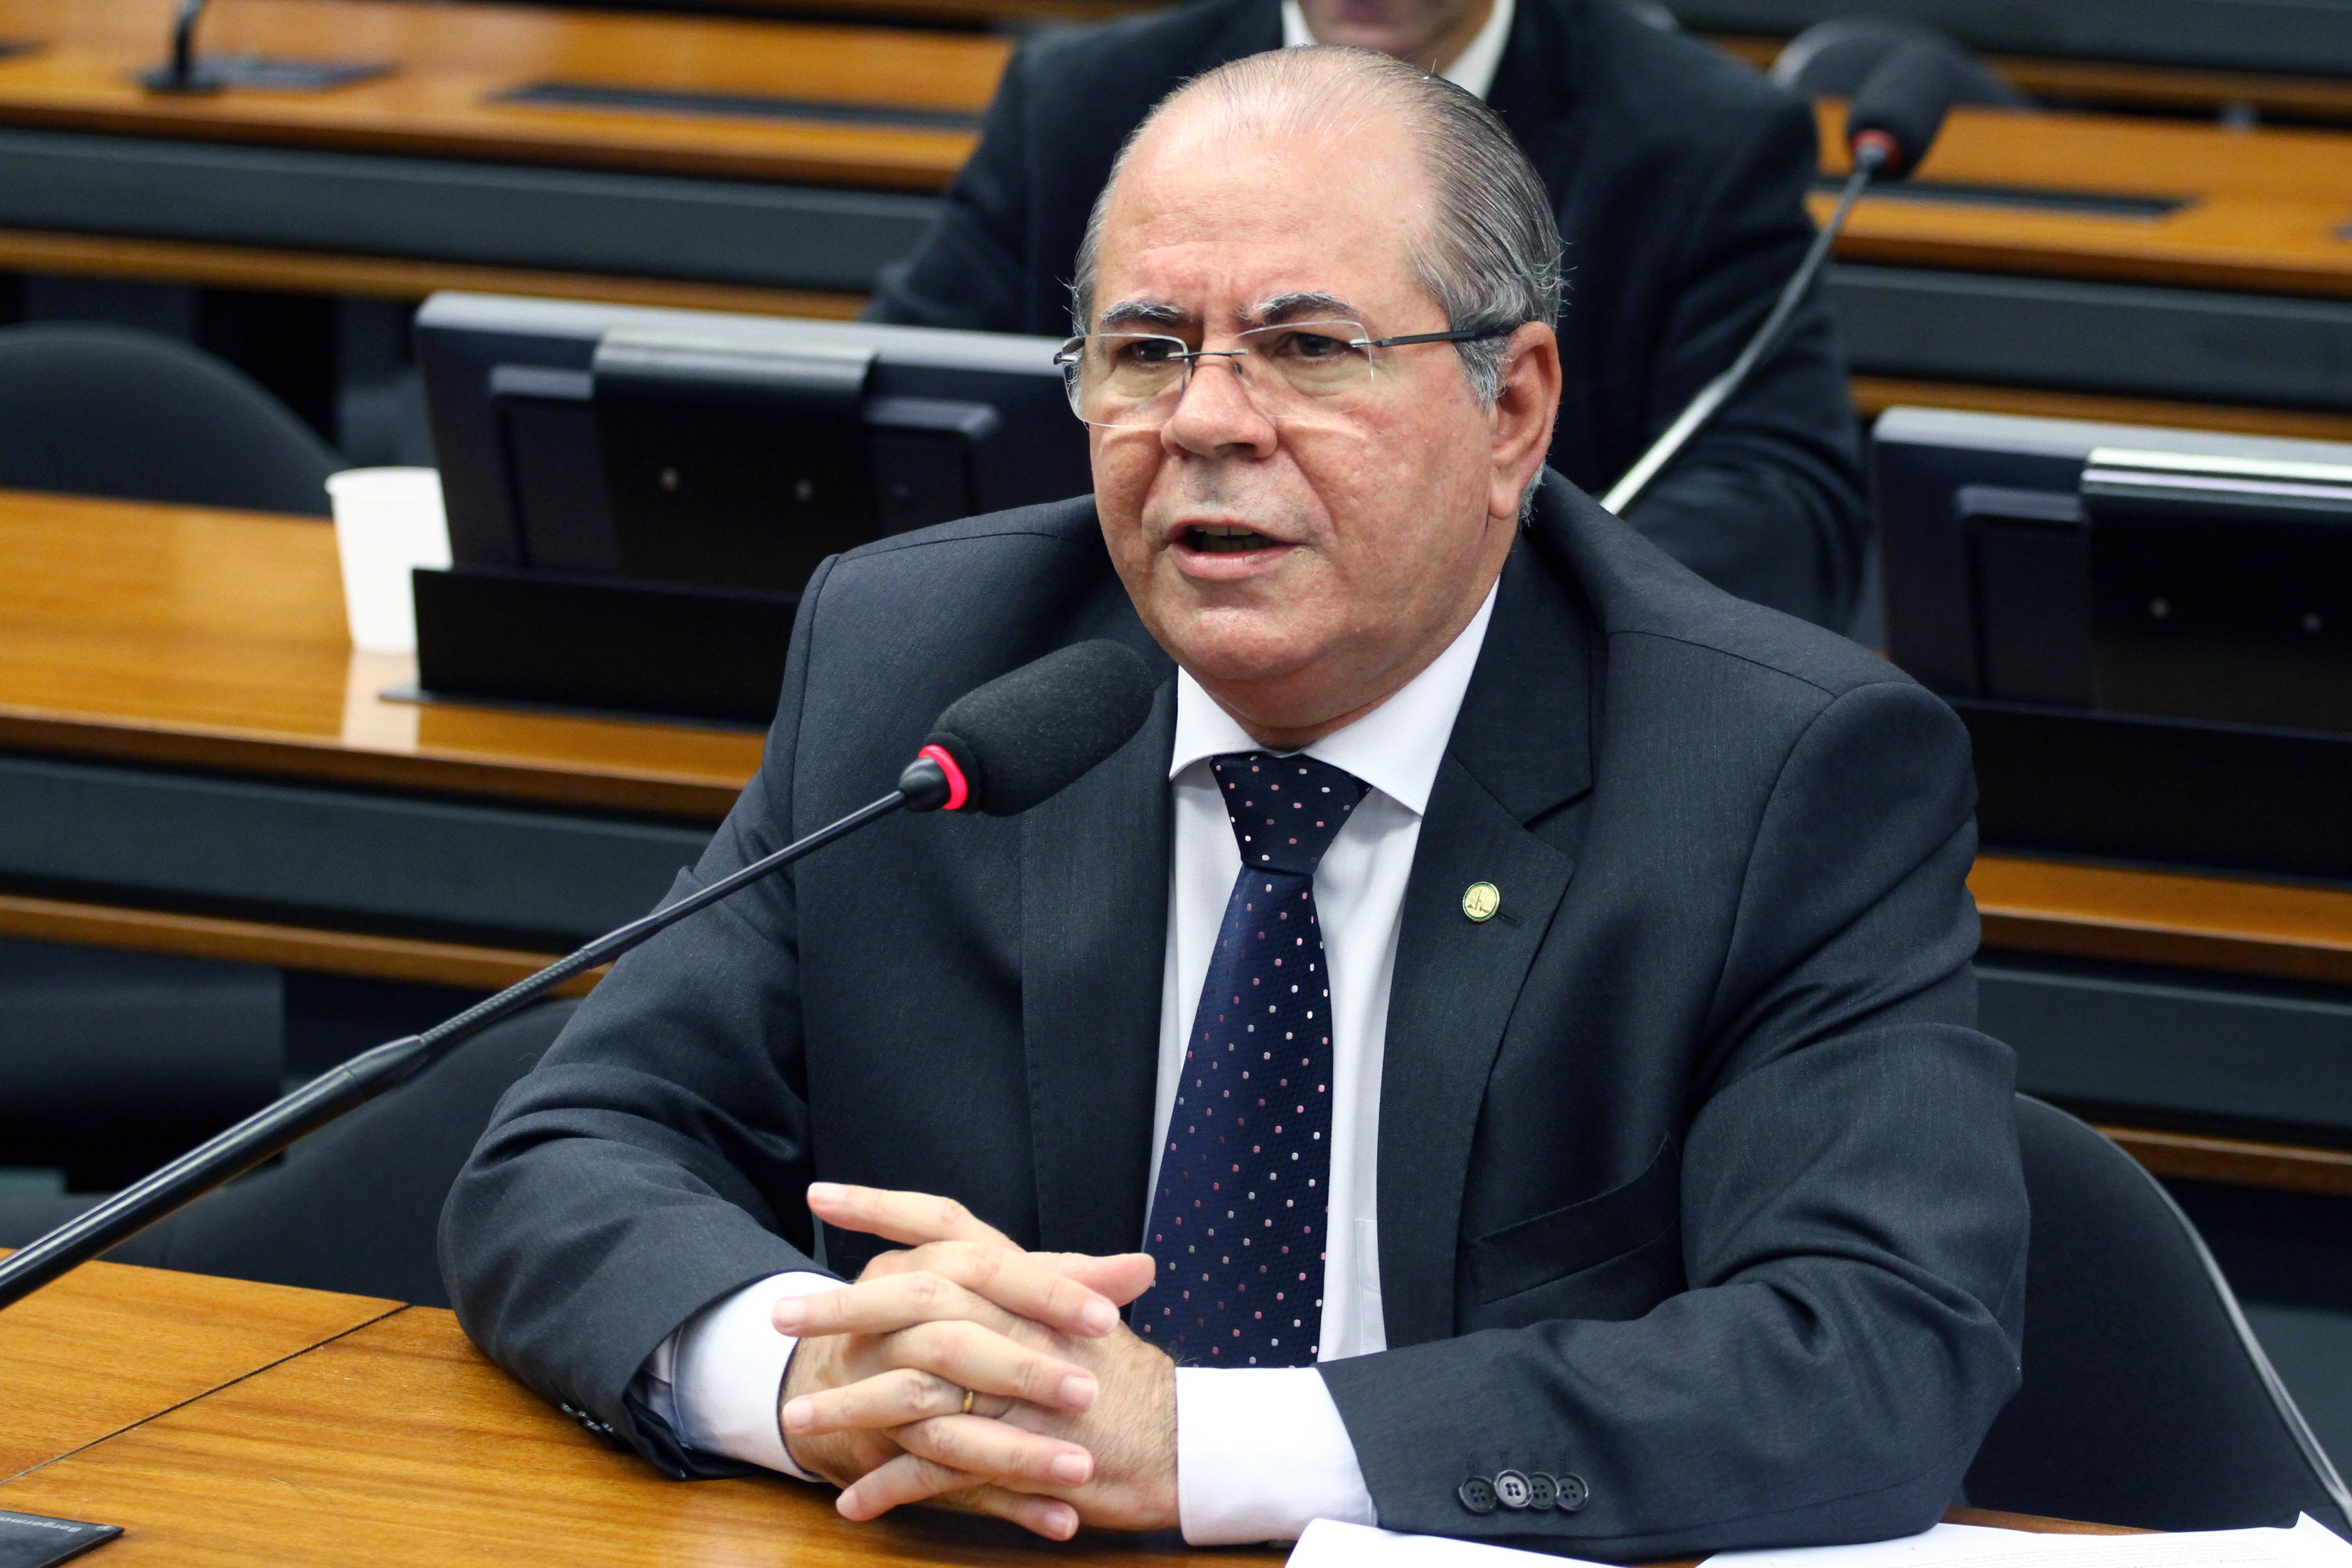 Reunião ordinária. Dep. Hildo Rocha (MDB-MA)